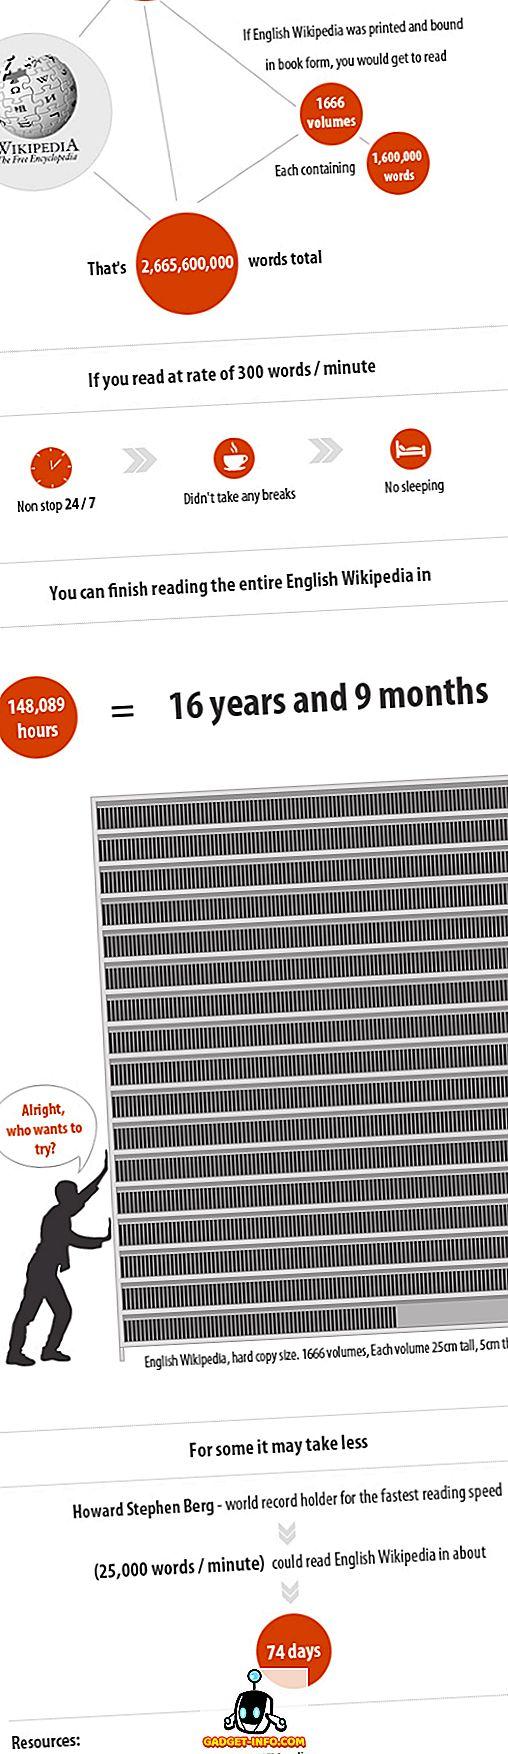 Kui kaua oleks vaja lugeda kogu inglise Wikipedia [Infographic]